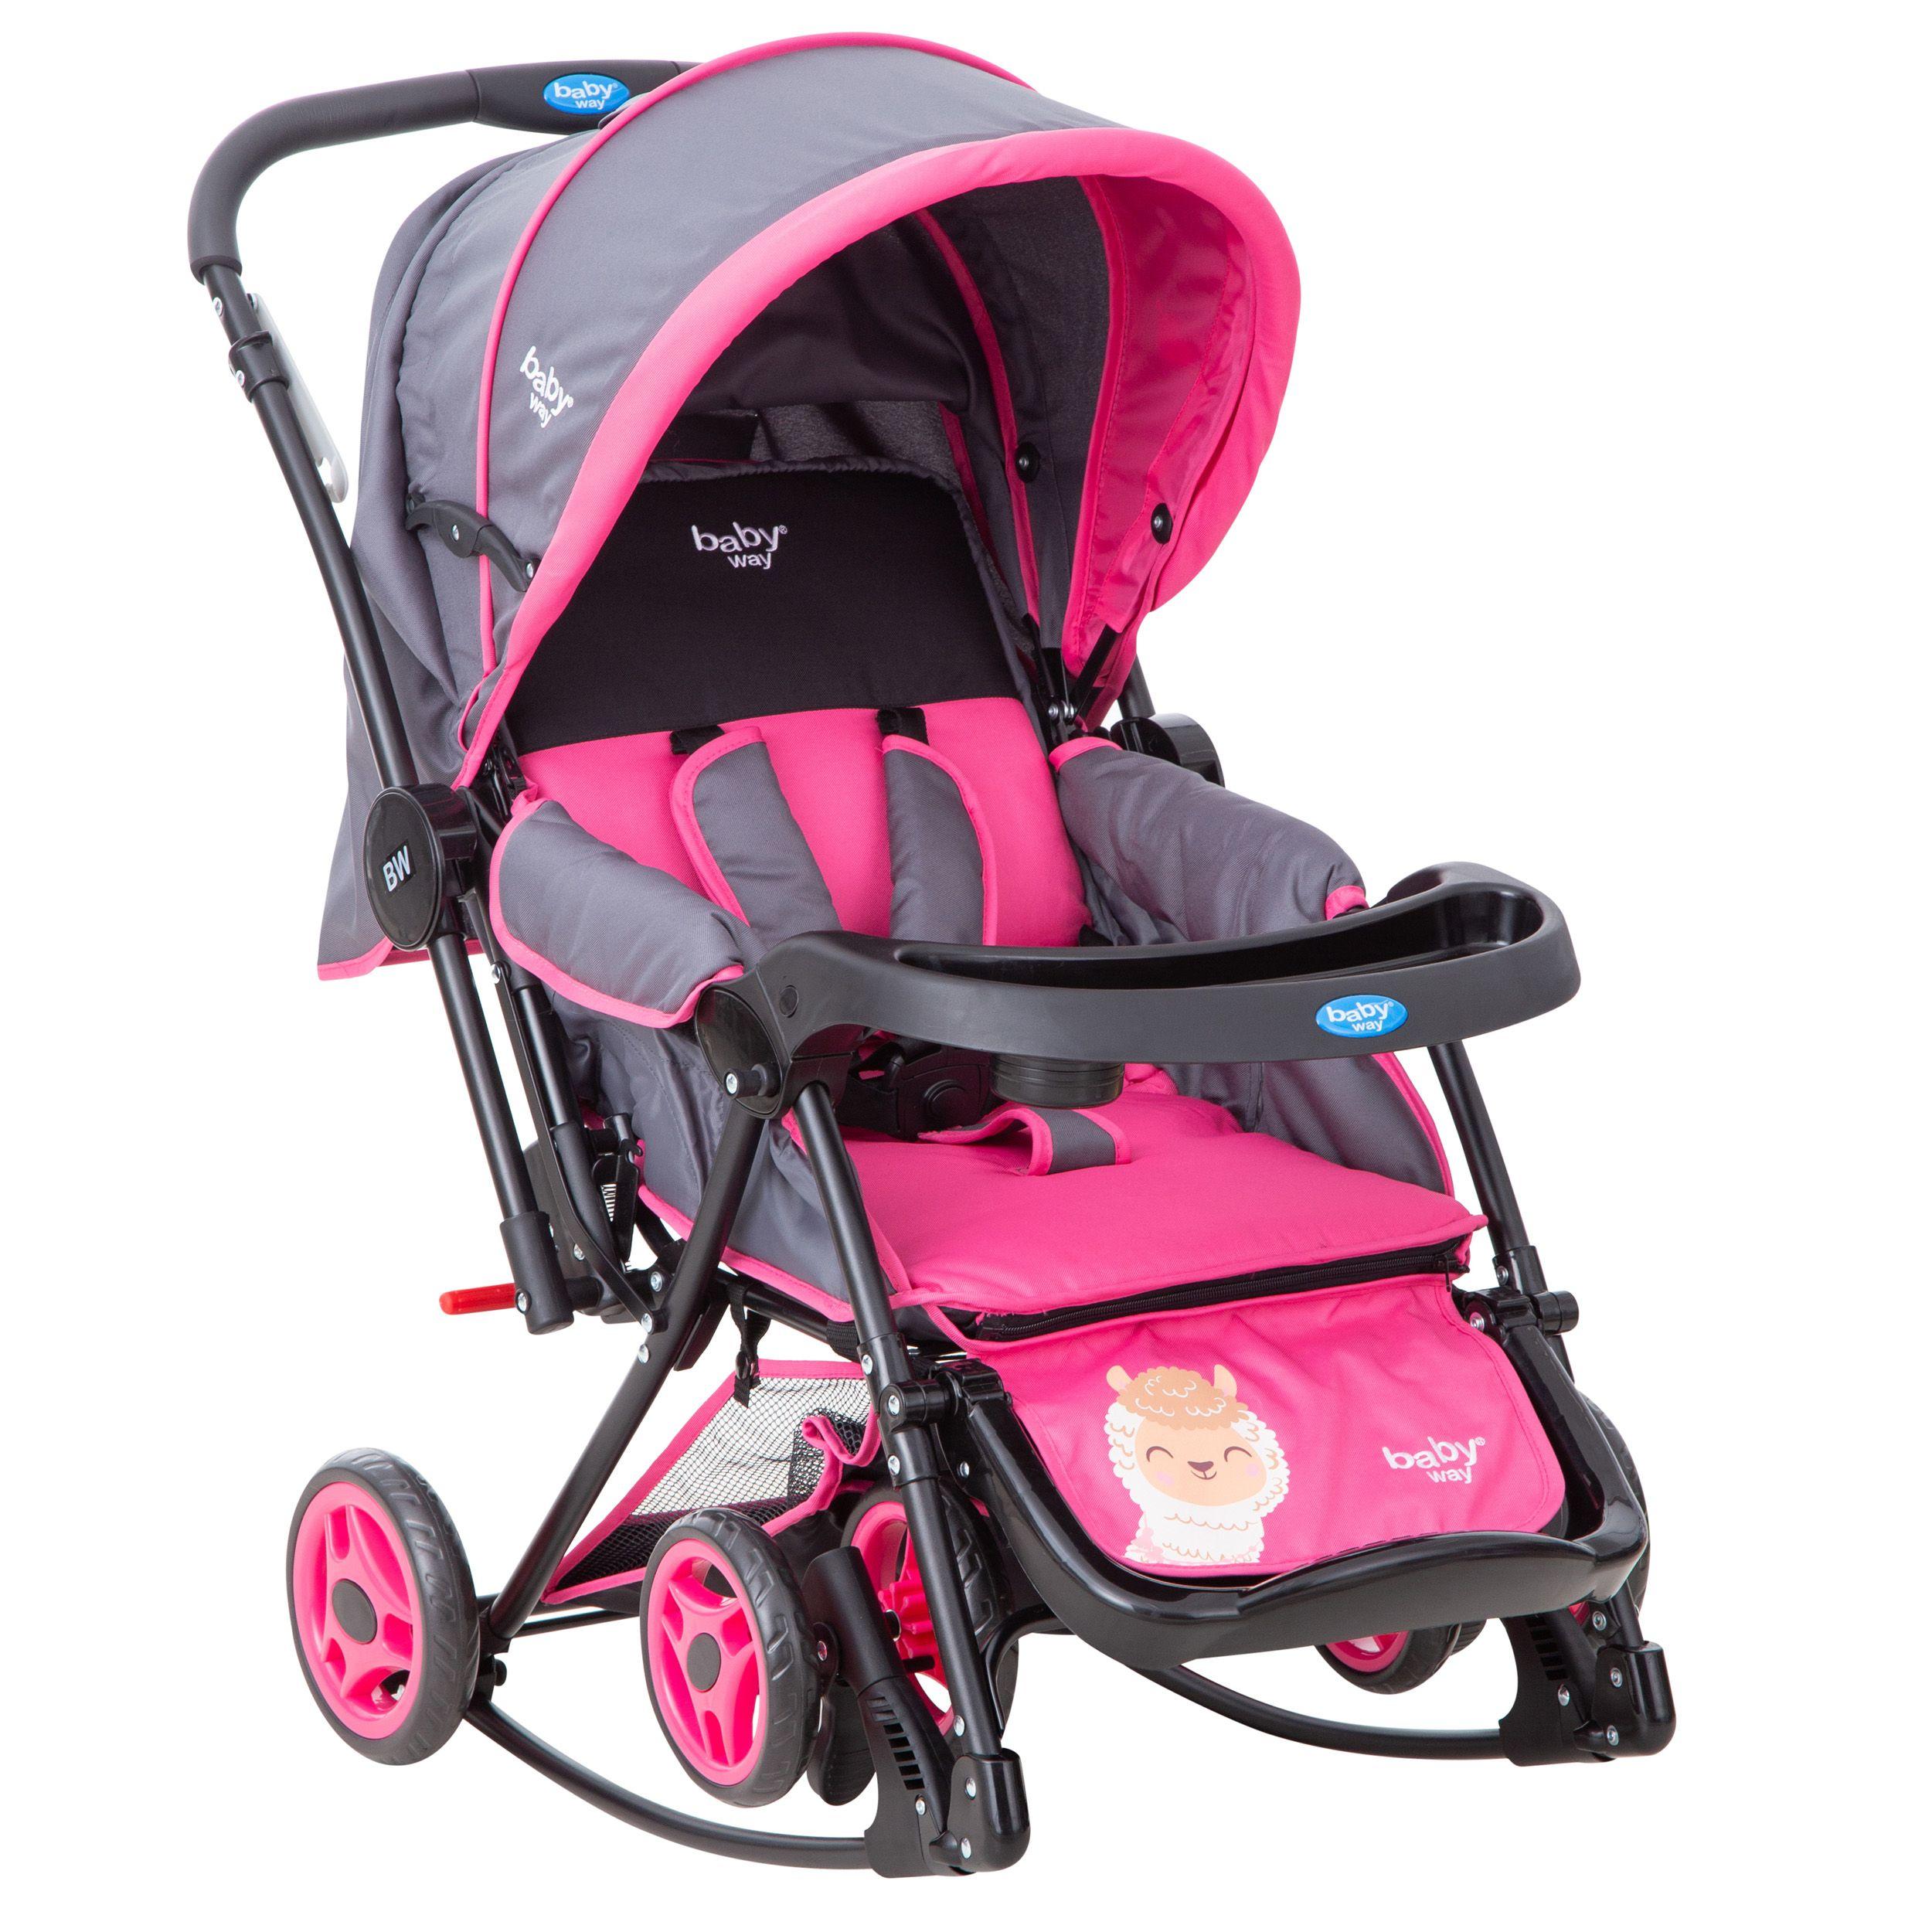 Coche Cuna Balancin Baby Way Fucsia Bw-305F21